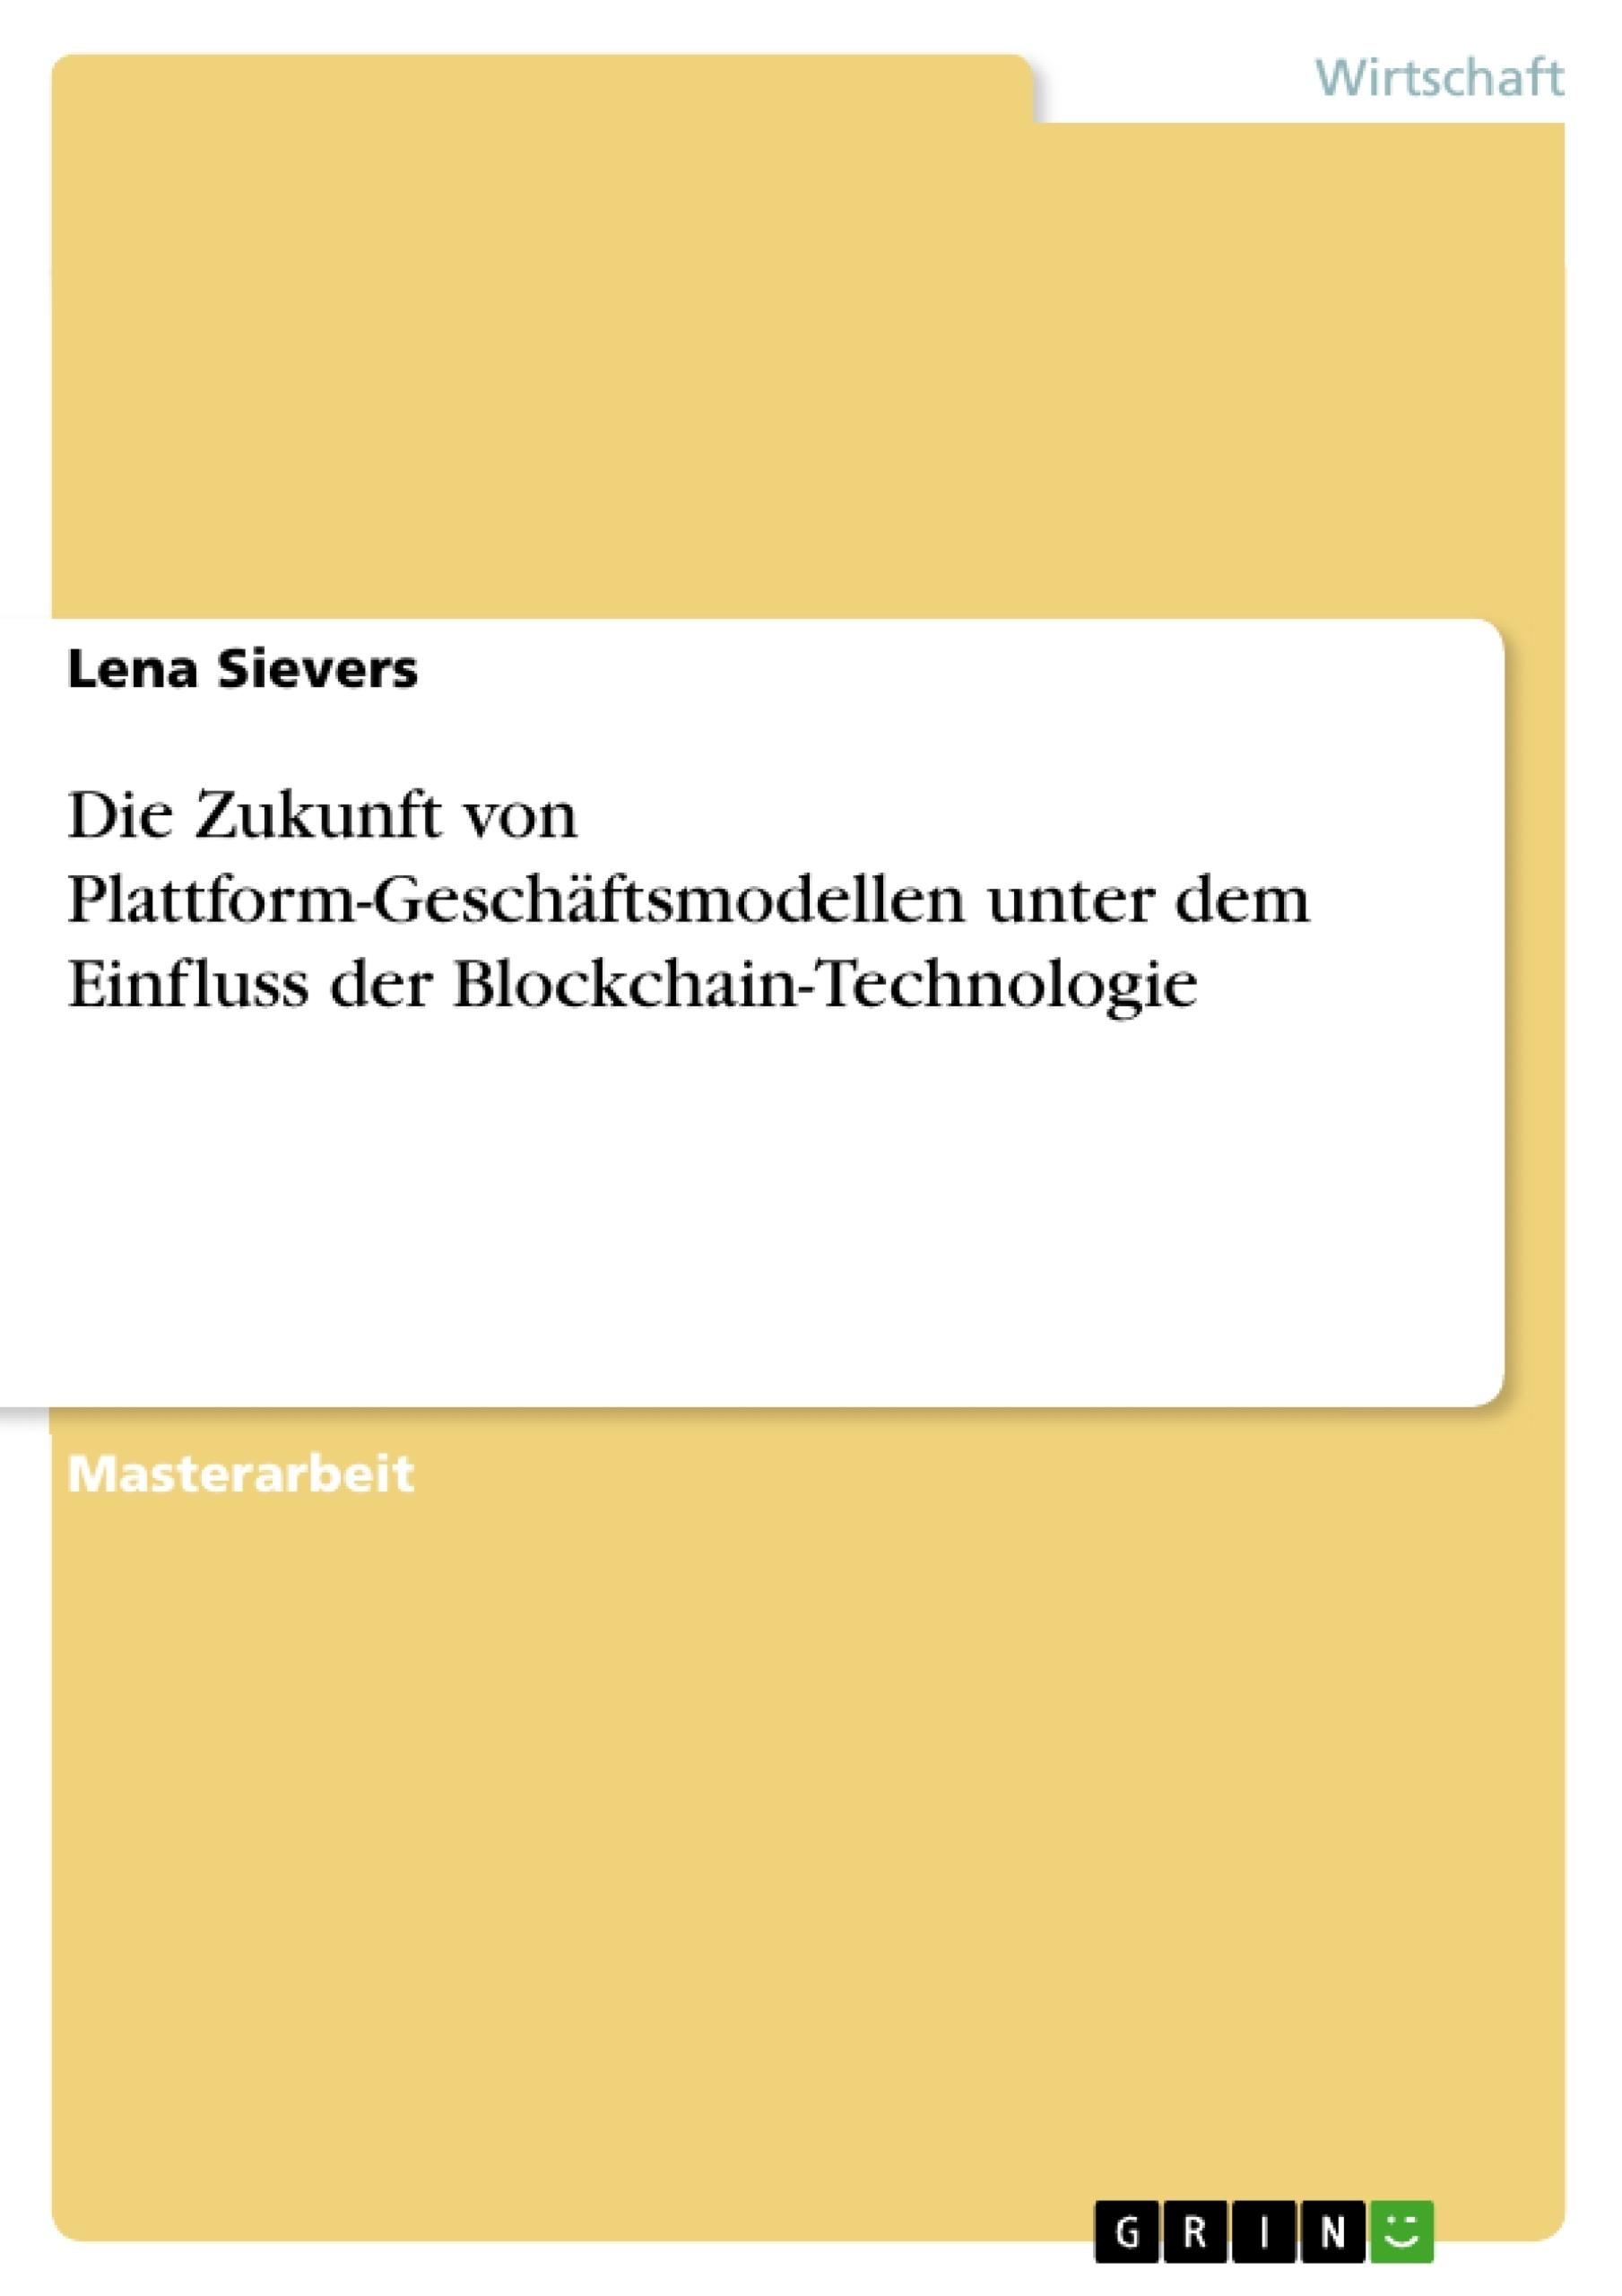 Titel: Die Zukunft von Plattform-Geschäftsmodellen unter dem Einfluss der Blockchain-Technologie